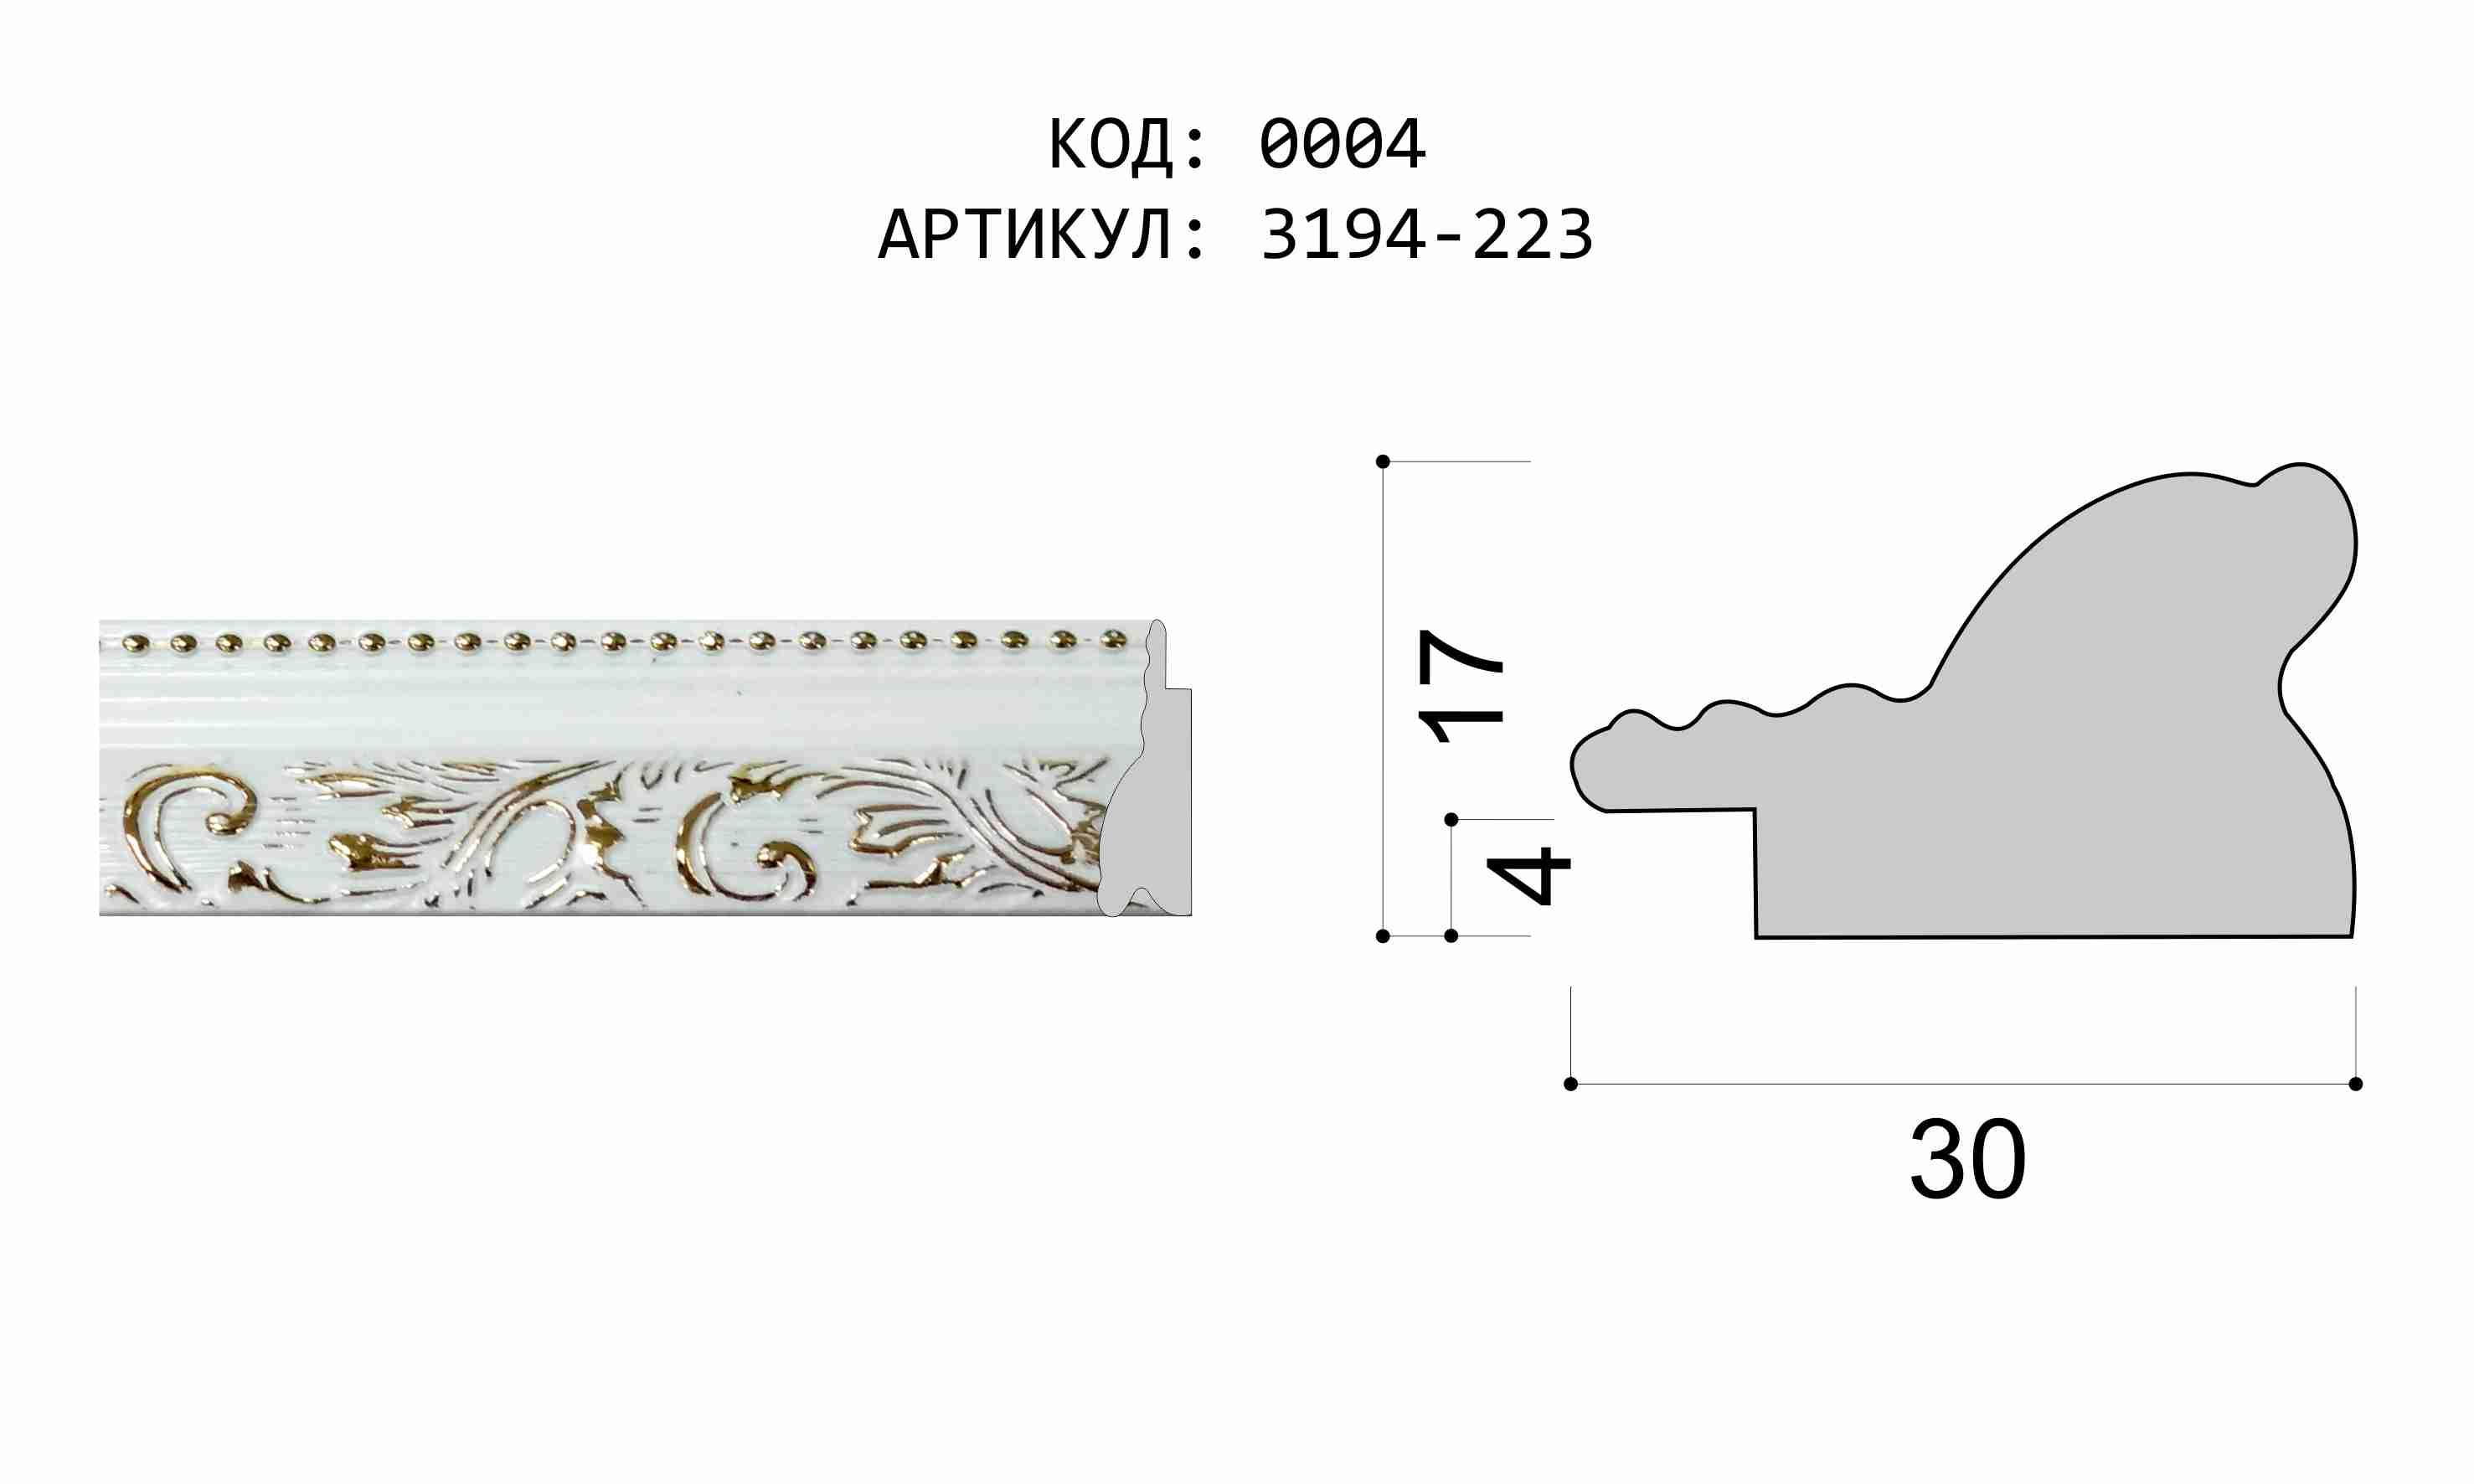 Артикул: 3194-223